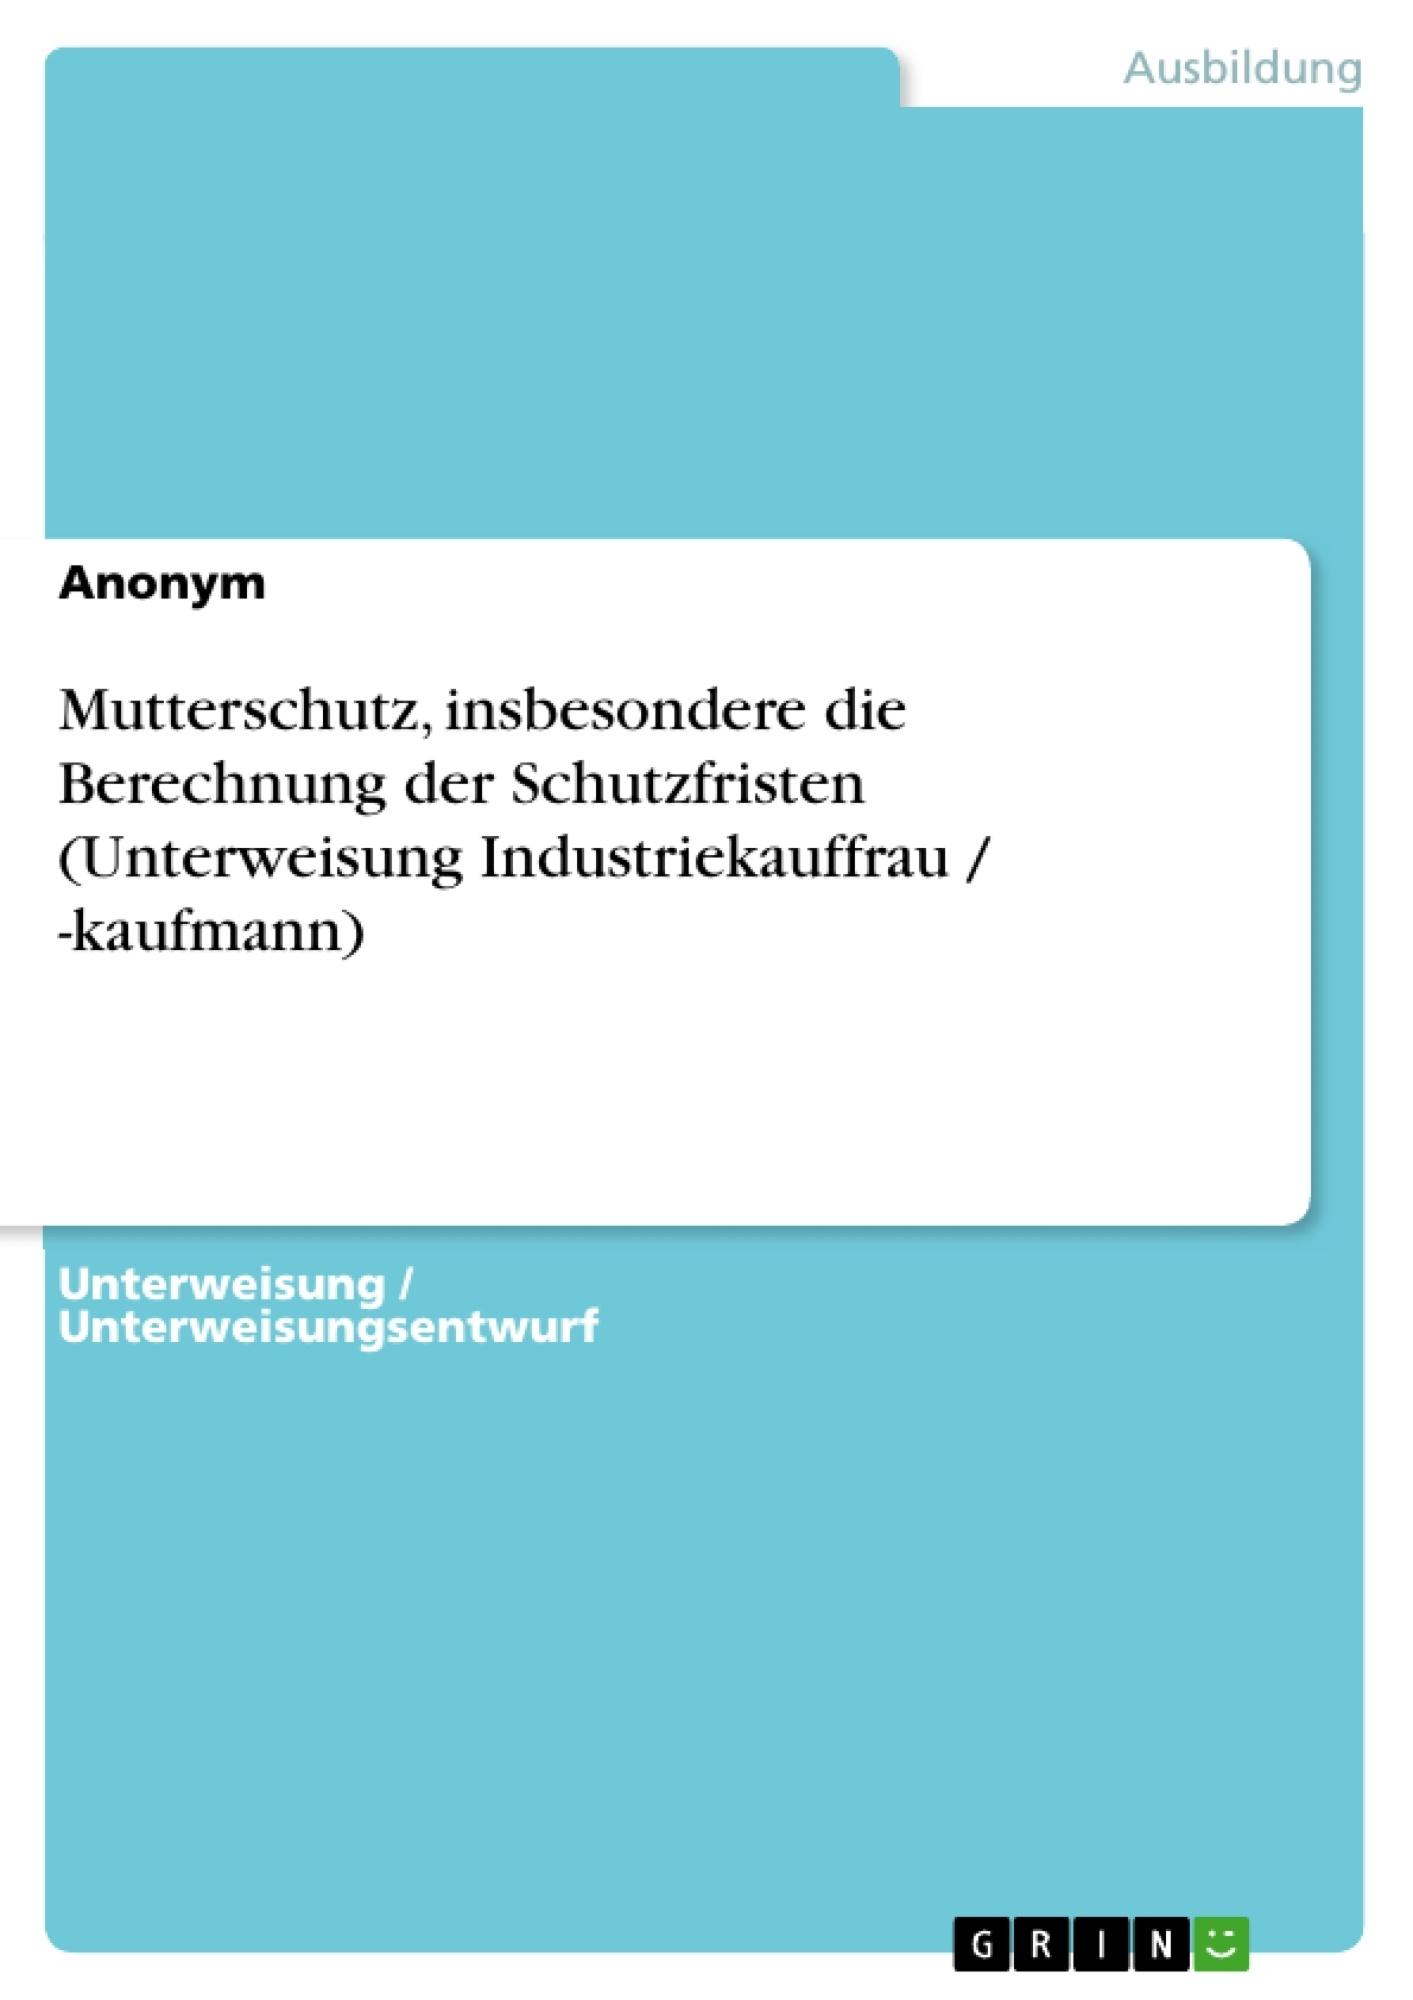 Titel: Mutterschutz, insbesondere die Berechnung der Schutzfristen (Unterweisung Industriekauffrau / -kaufmann)